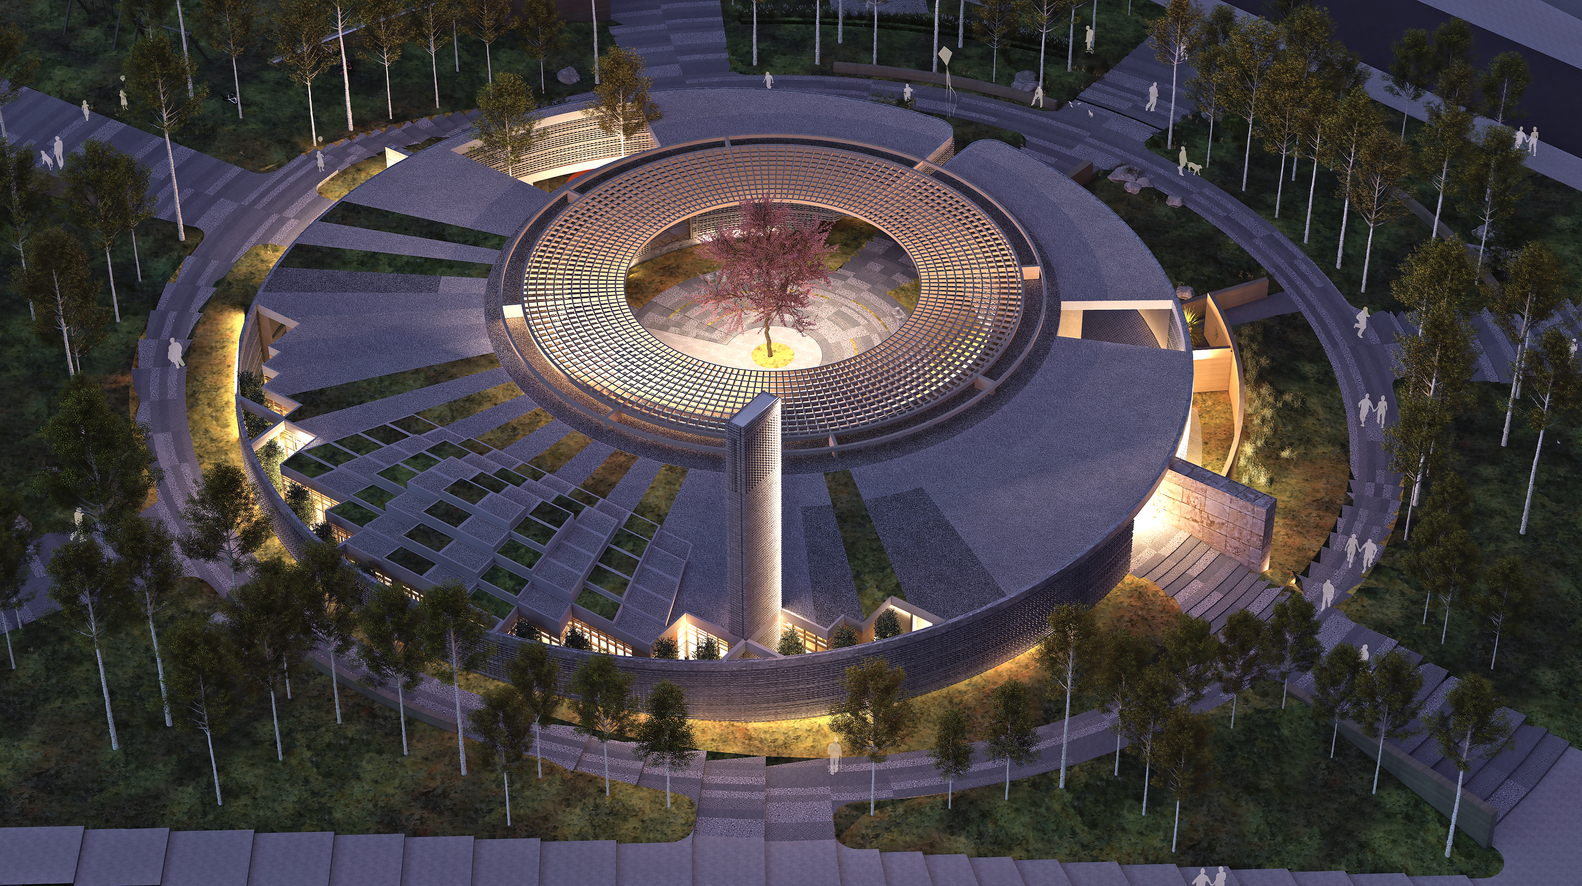 BeOffice Geleneksel Cami Mimarisini Yeniden Yorumladı 8